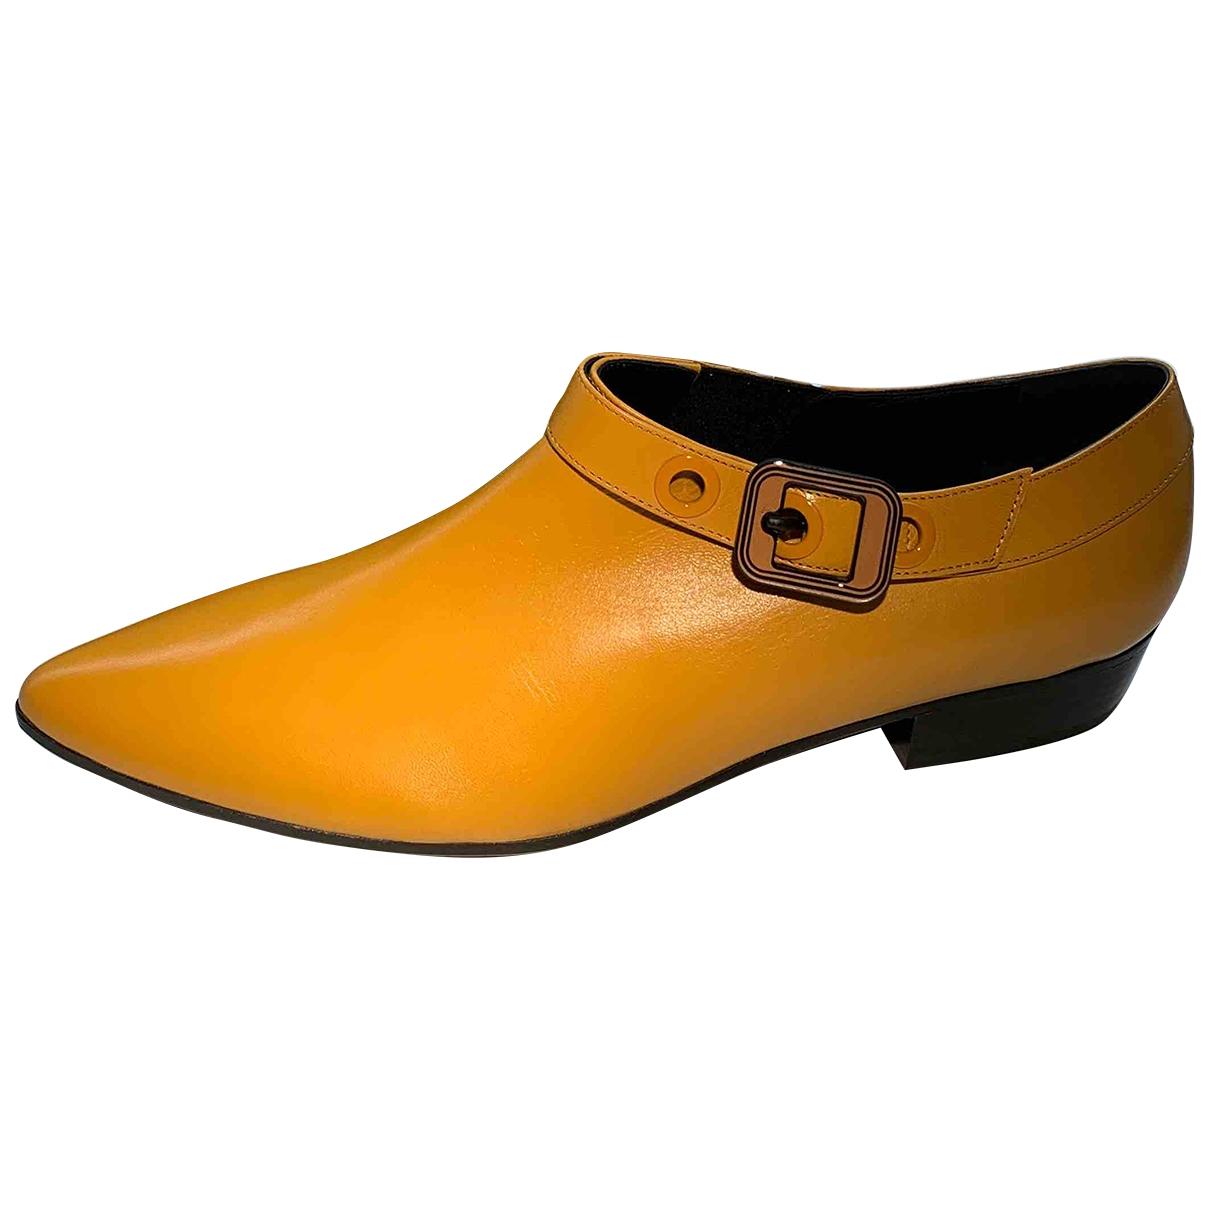 Bottega Veneta - Boots   pour femme en cuir - jaune